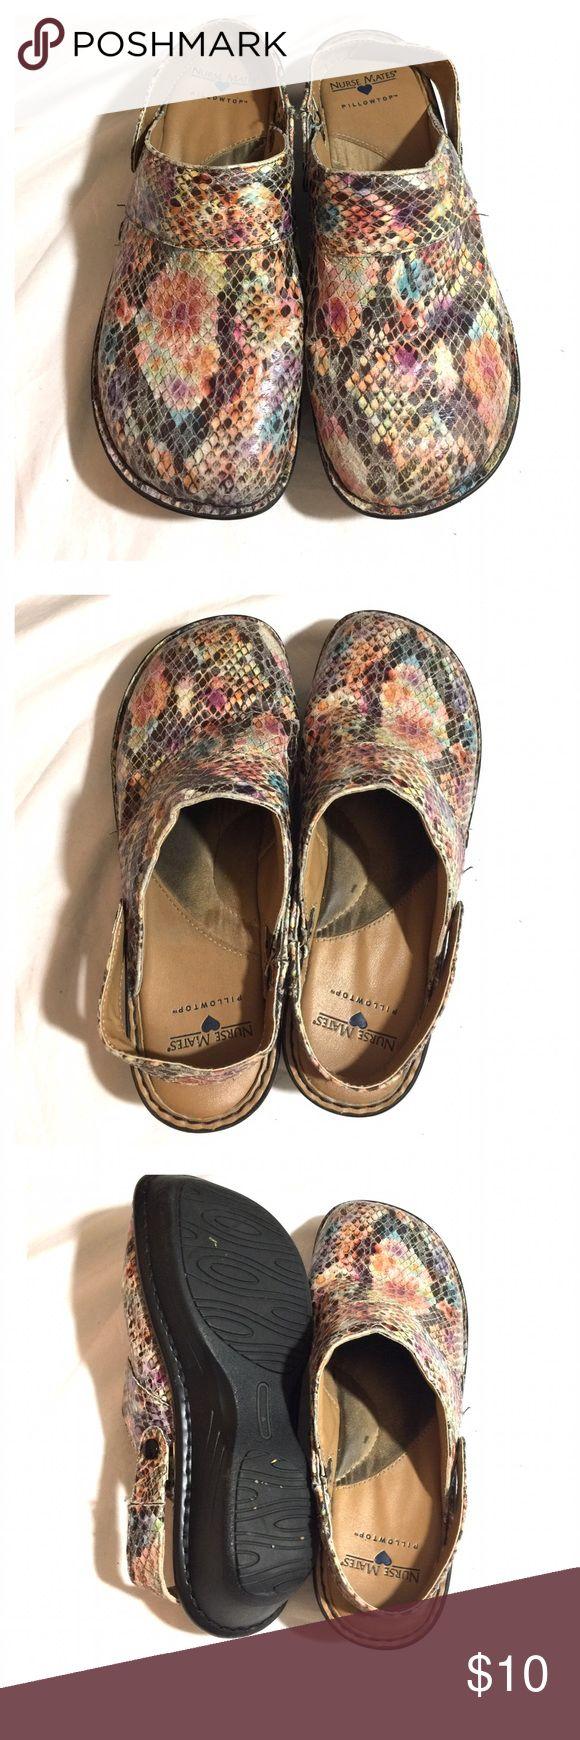 nurse mates shoes nurse mates shoes good condition nurse mates Shoes Mules & Clogs